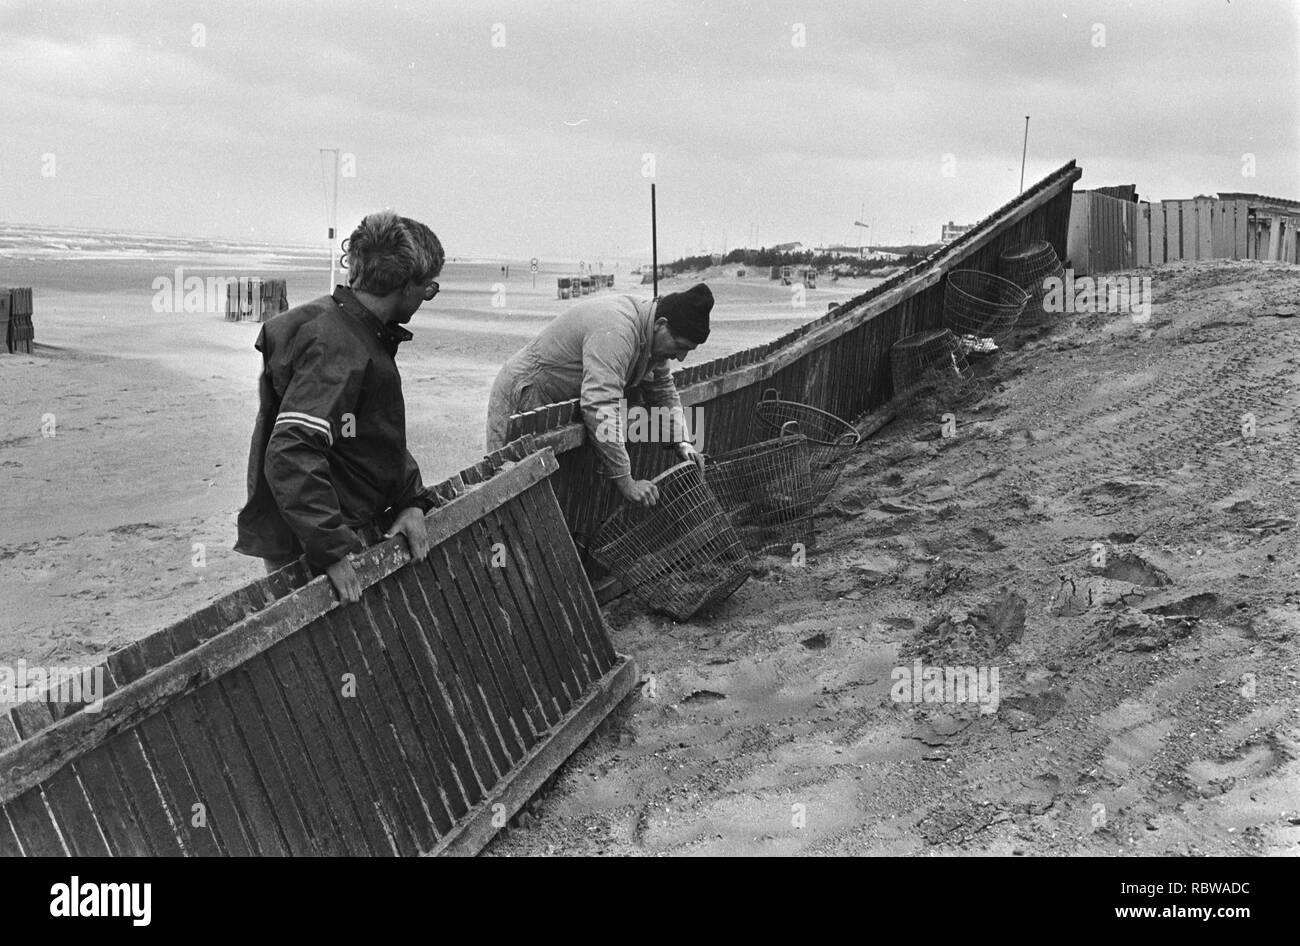 Aanhoudend slecht weer in Nederland strandtenthouder maakt dijk om eigendommen te beschermen tegen het eventuel oprukkende water, Bestanddeelnr 931-5698. Stock Photo